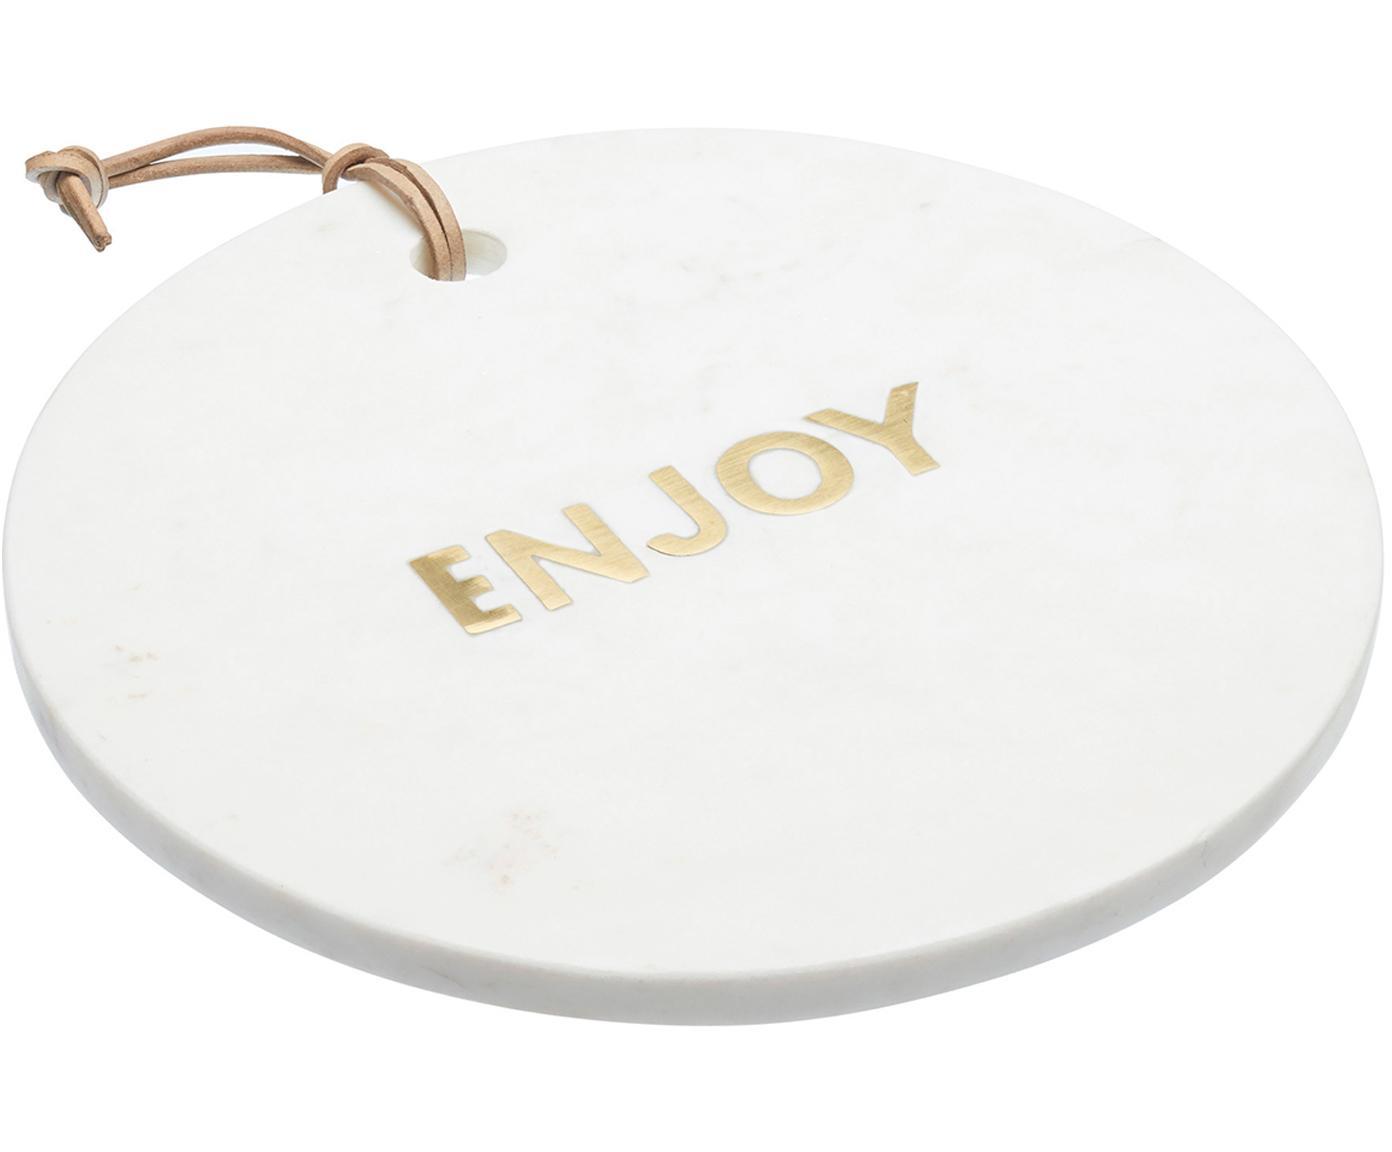 Tagliere da portata in marmo Artesa, Marmo, Bianco, dorato, Ø 26 cm